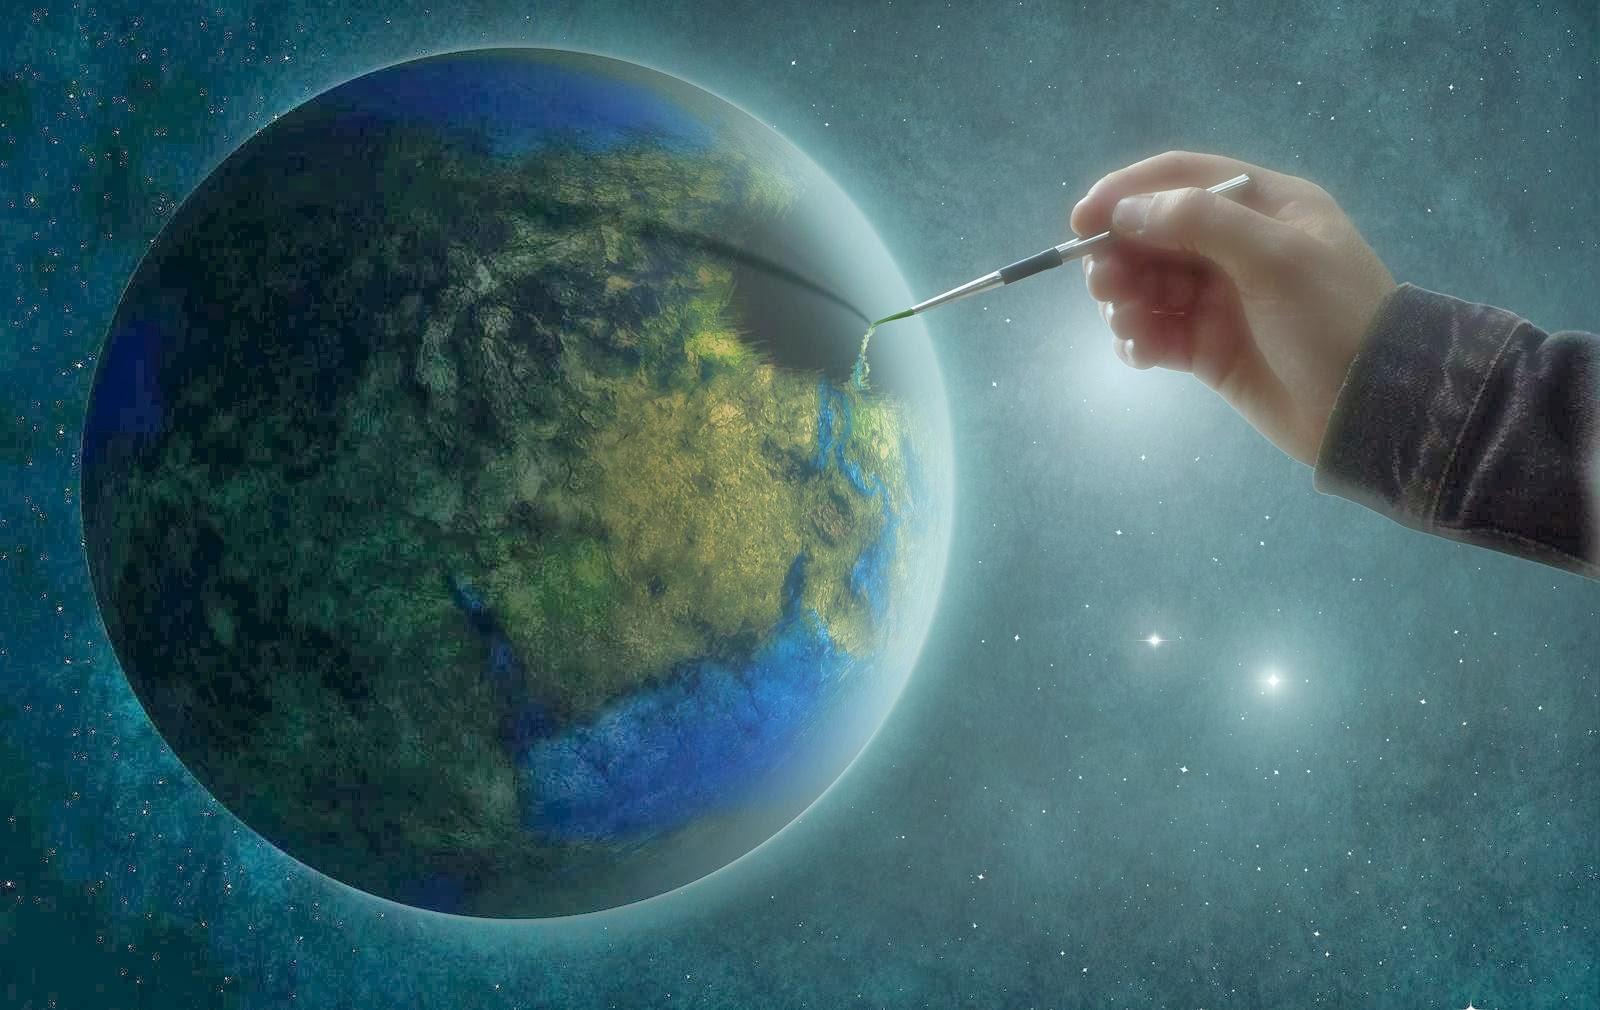 Създаване на Нов Свят